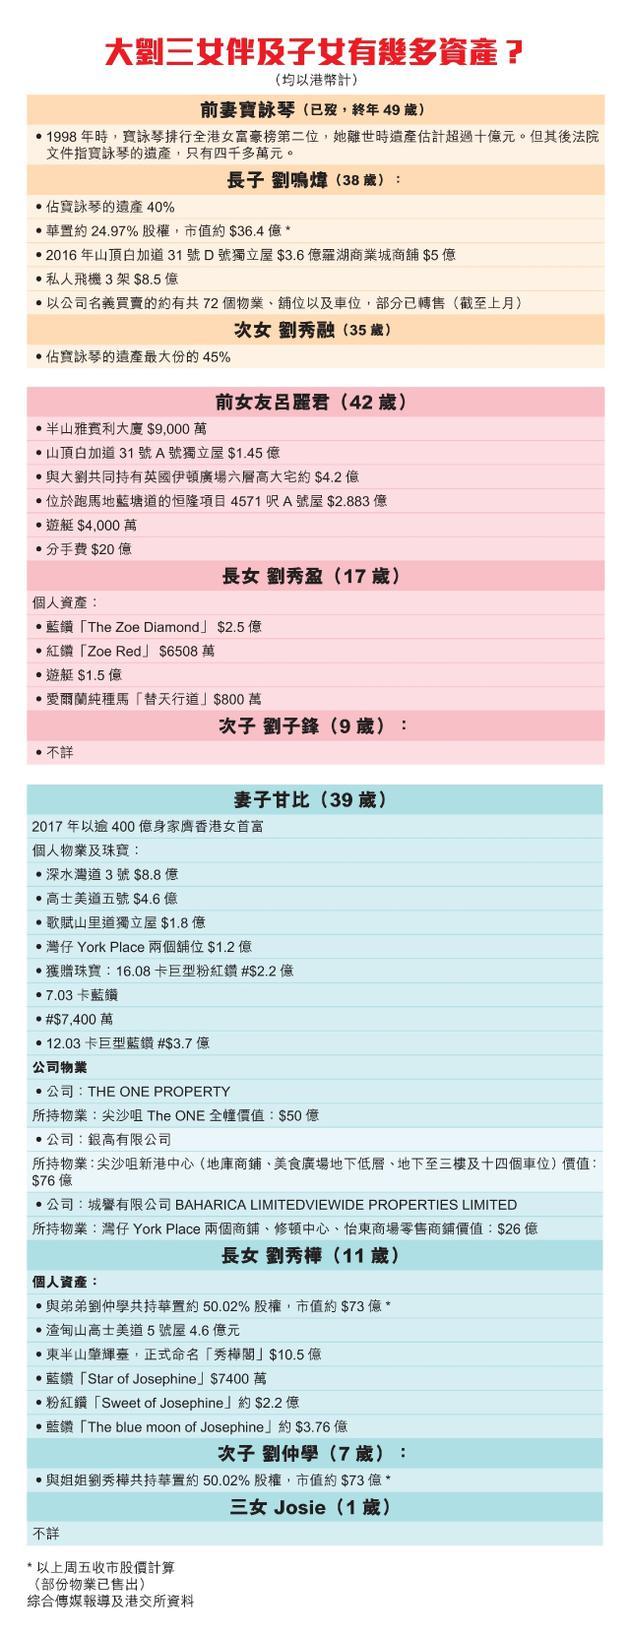 港媒整理的刘銮雄资产分配